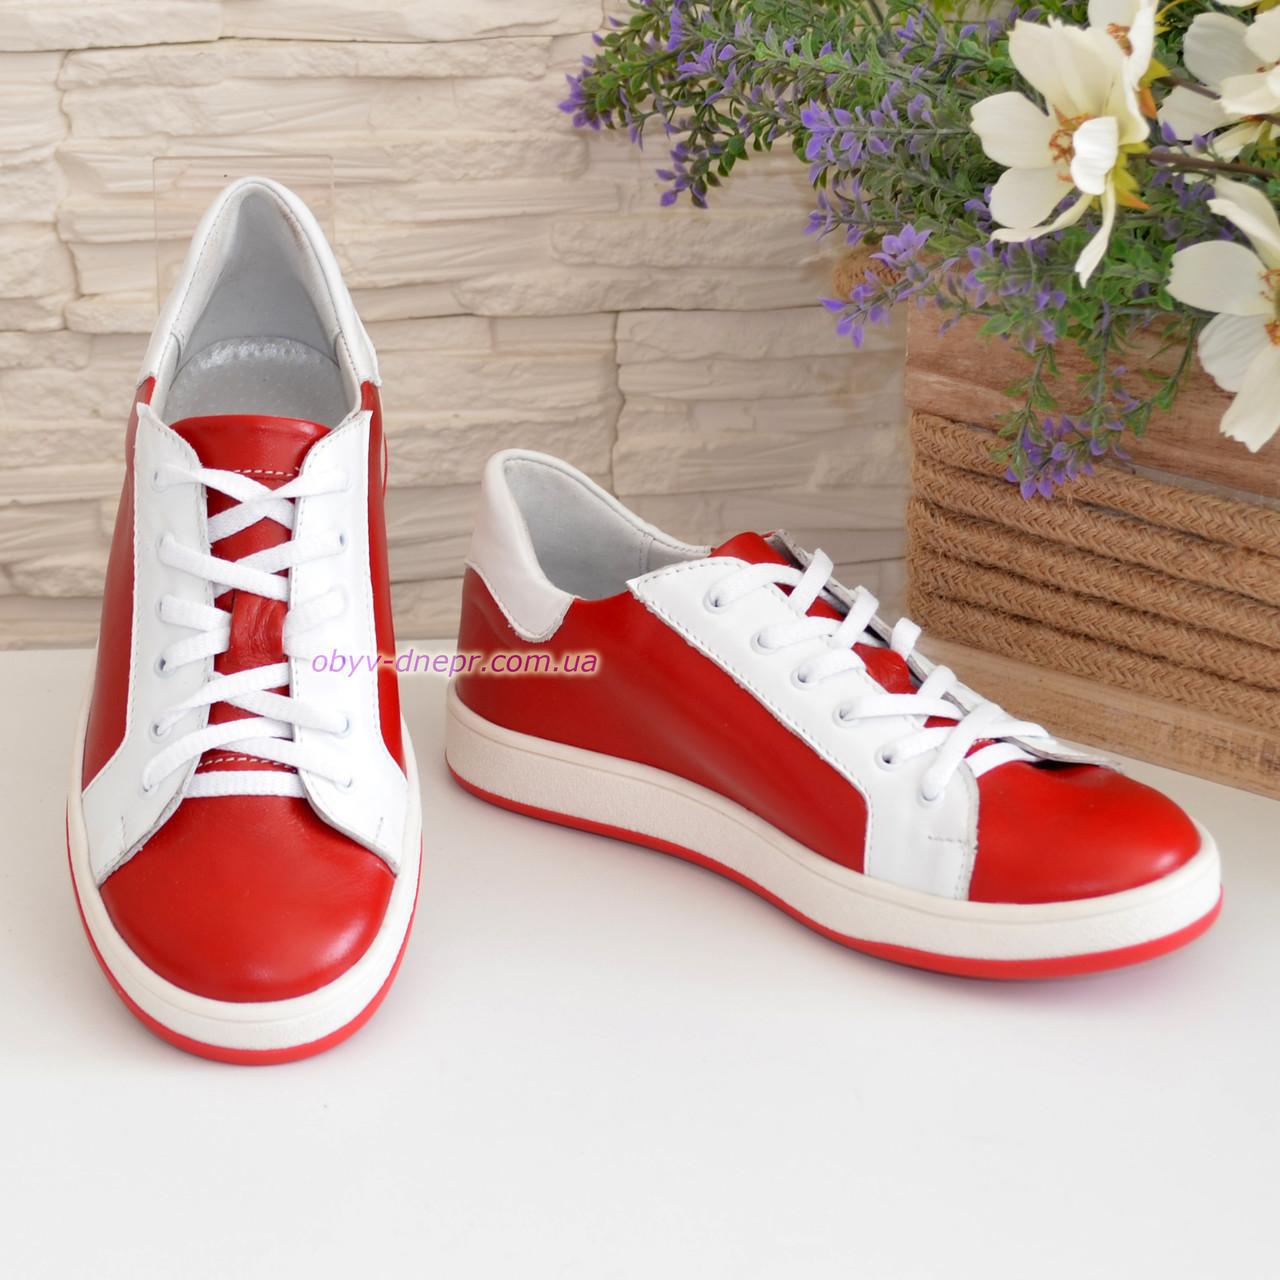 ff398a8c2f7d Купить Детские кожаные мокасины на шнуровке, цвет красный, белый в Днепре  от ...